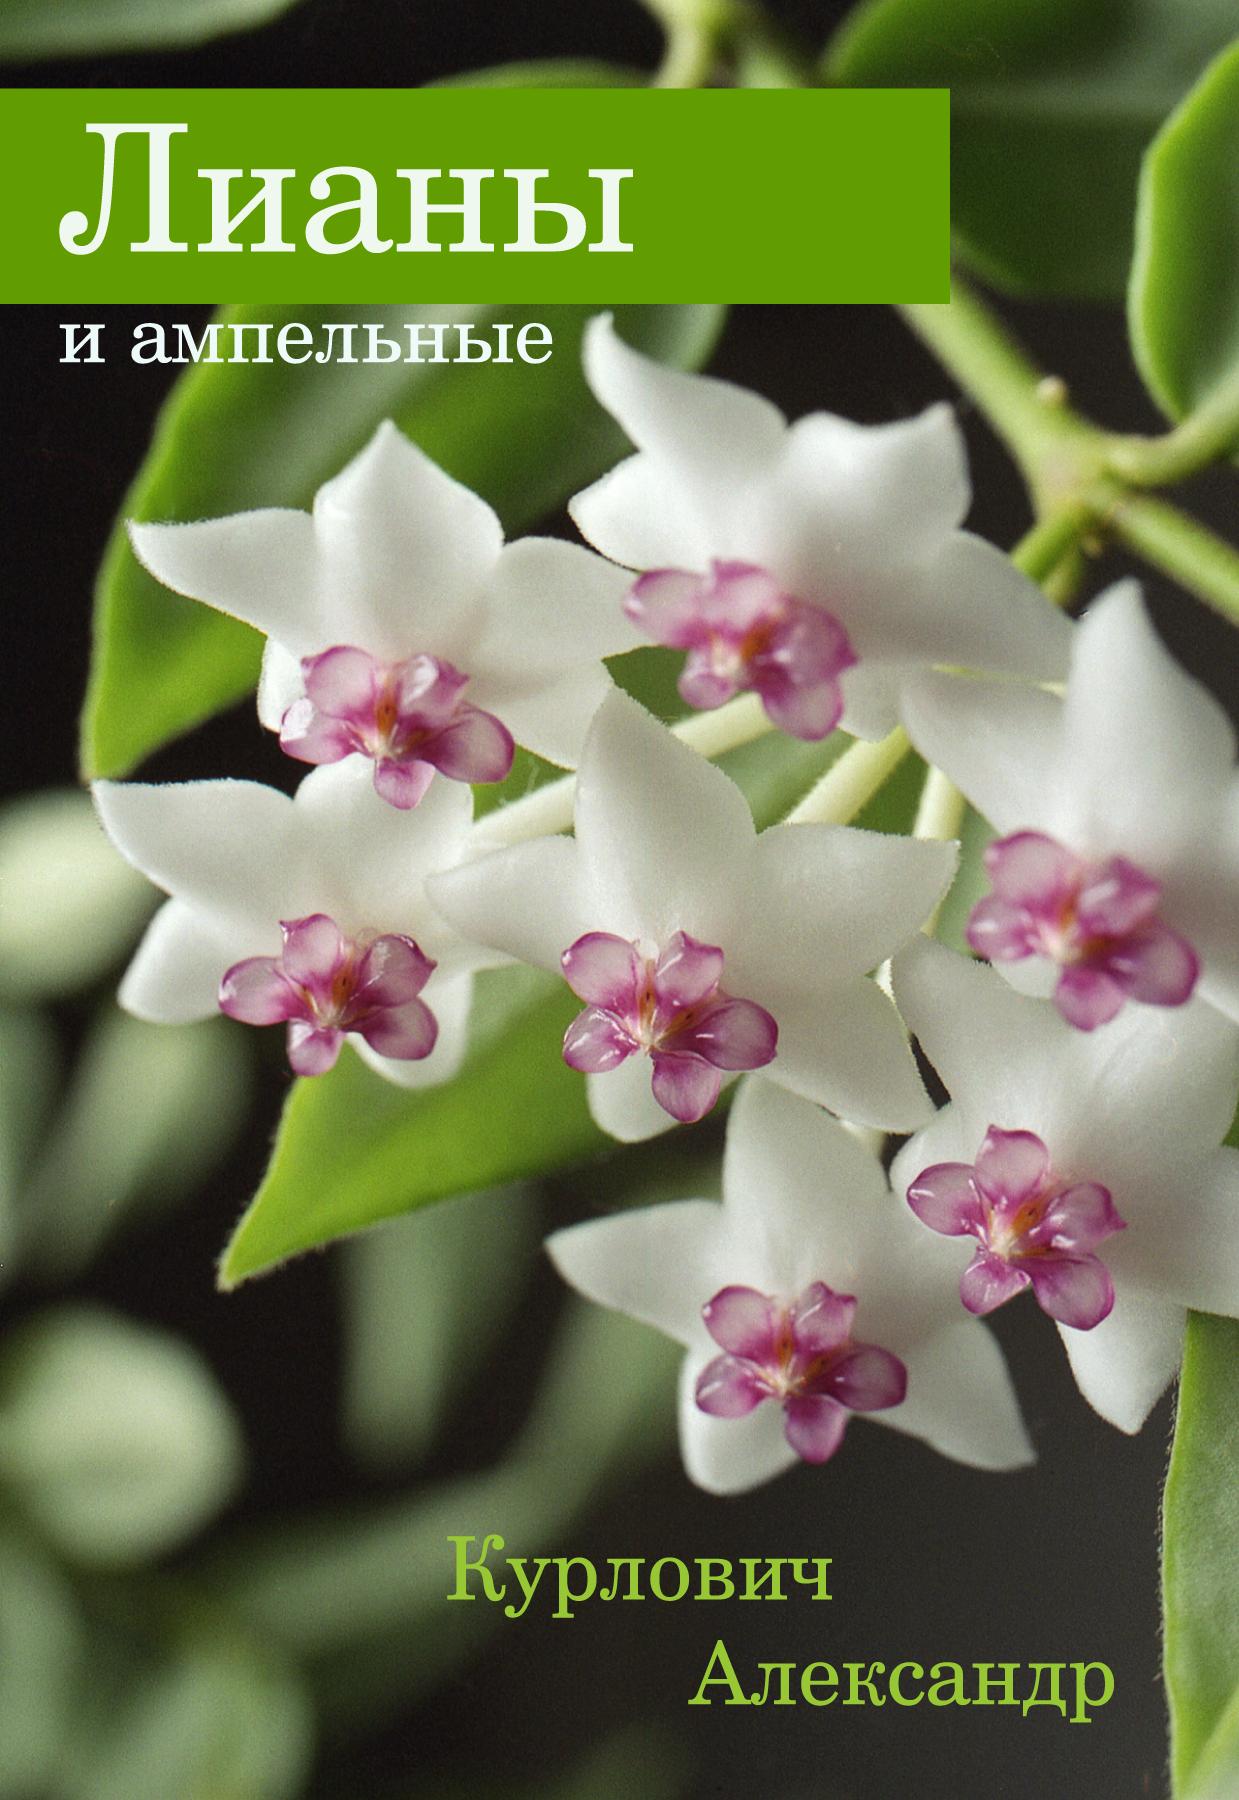 Александр Курлович Лианы и ампельные атлант мхм 2826